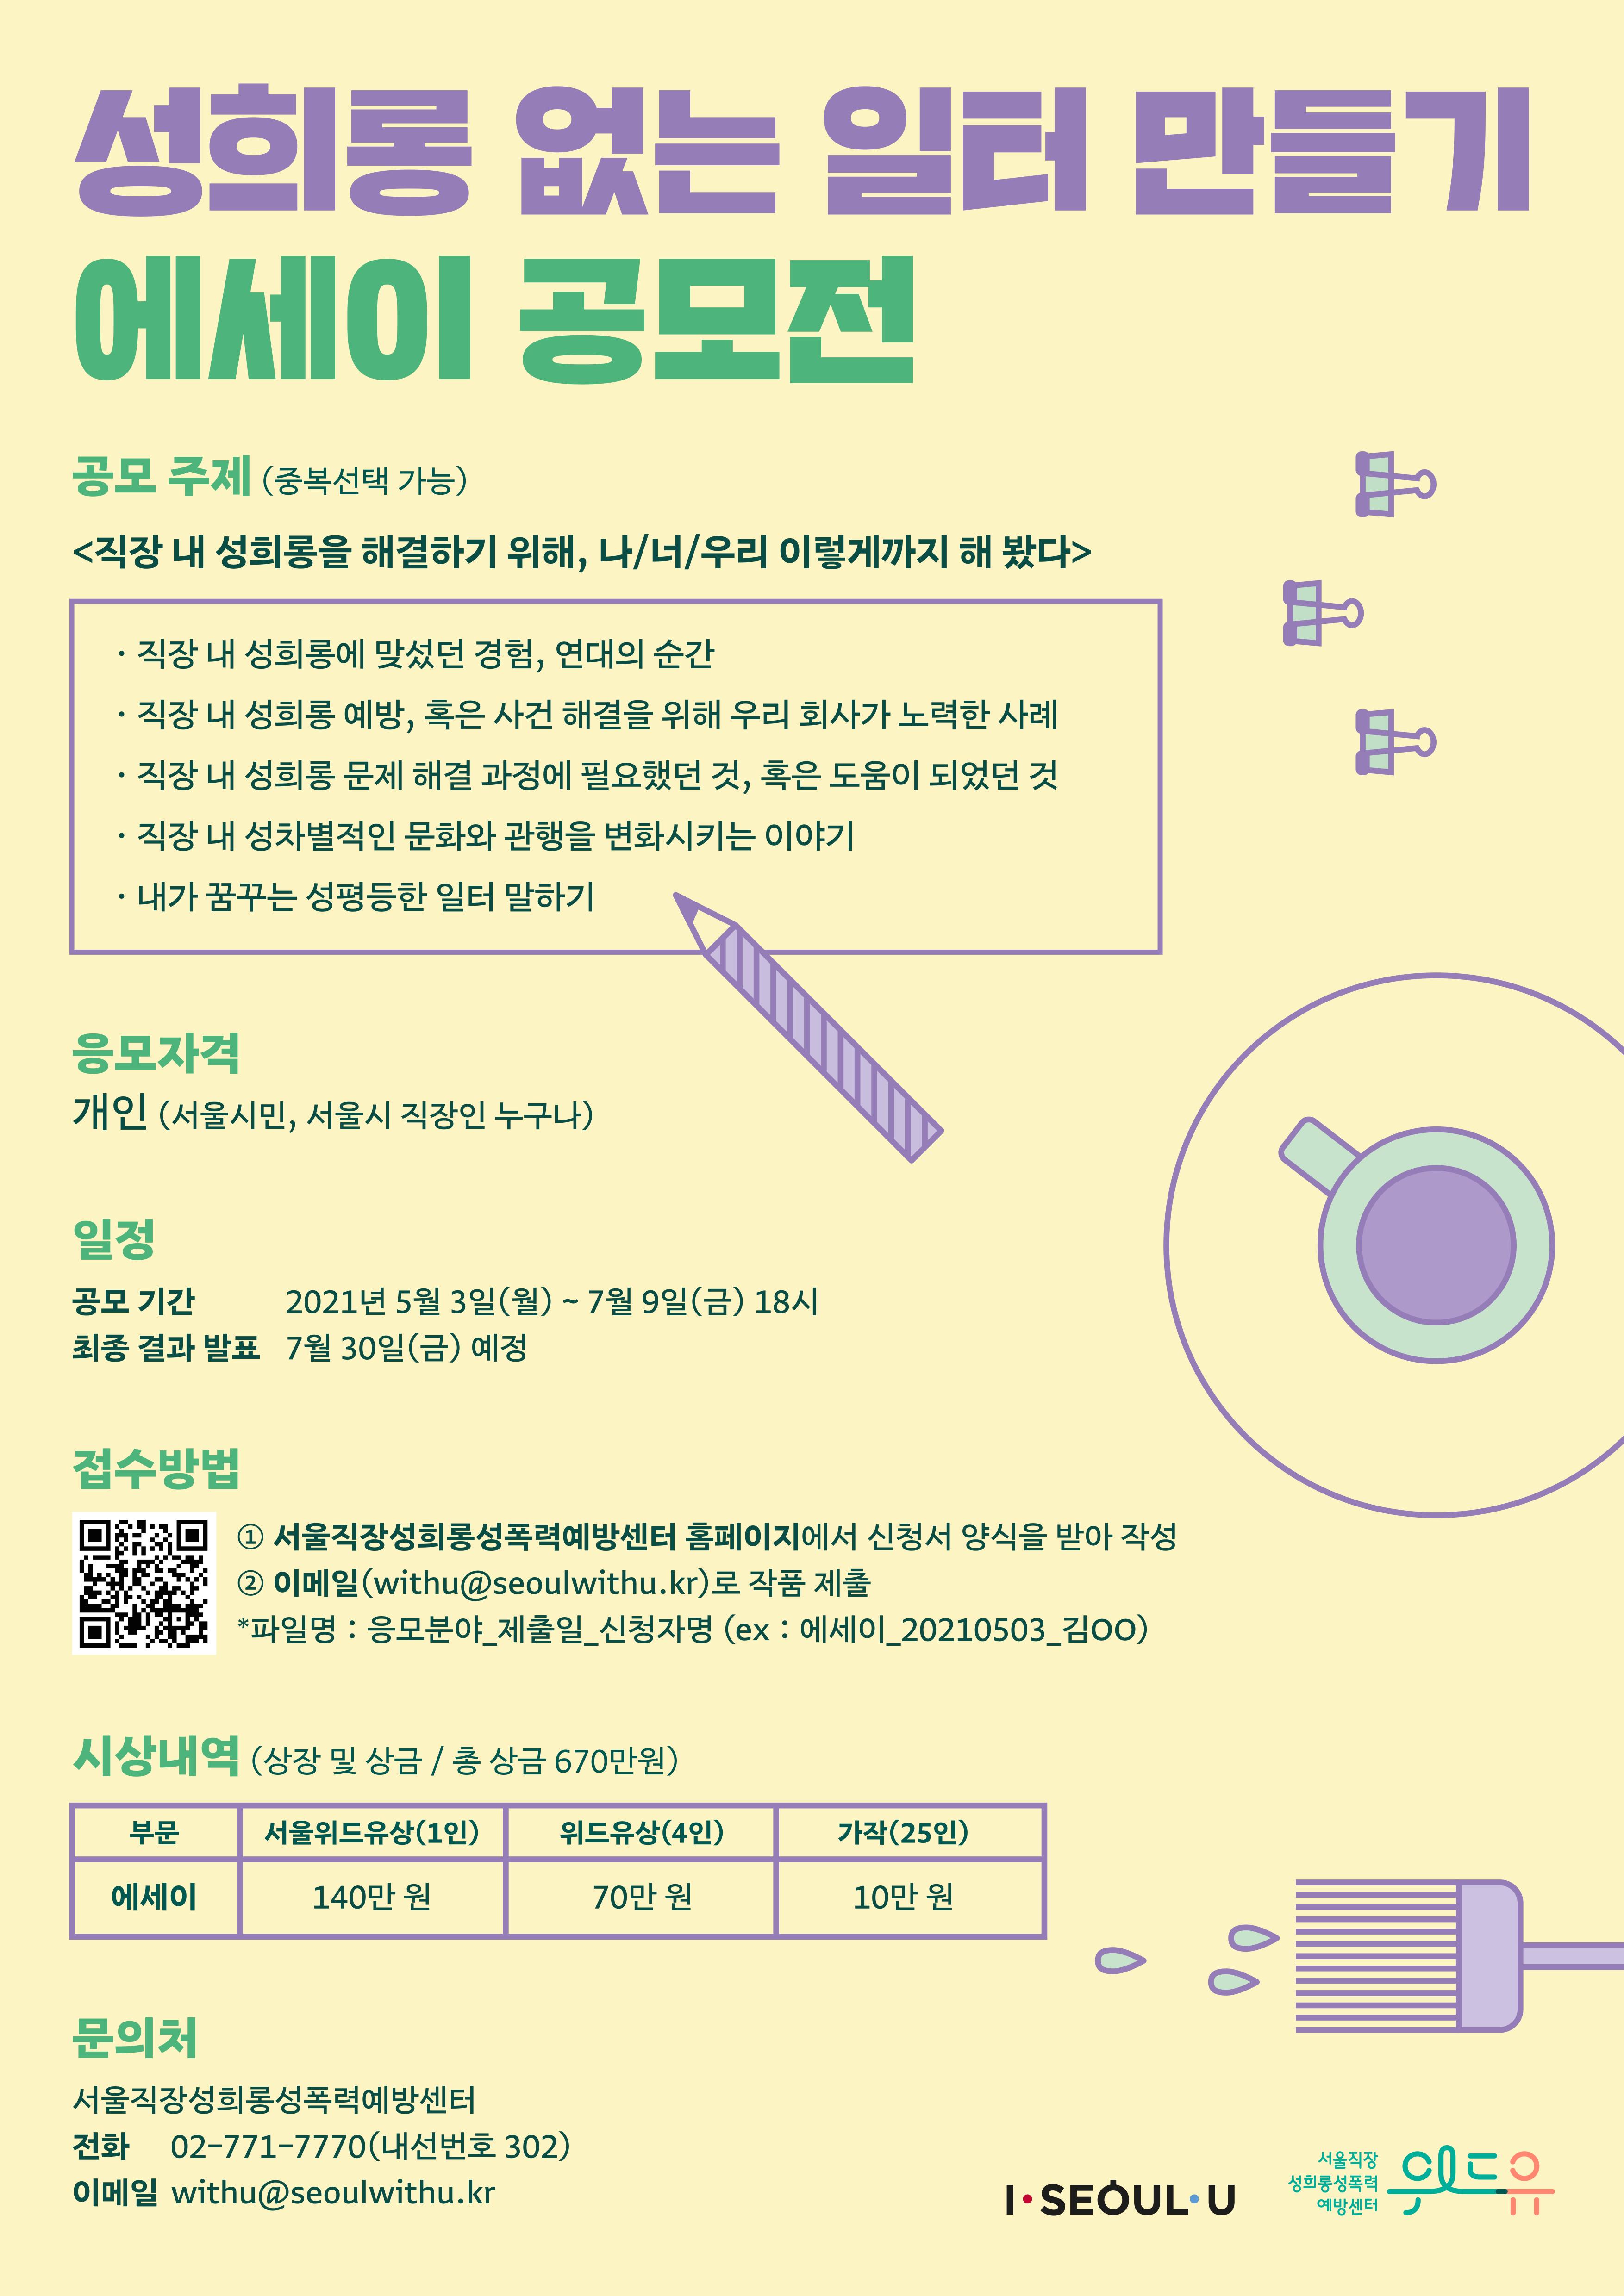 서울직장성희롱성폭력예방센터